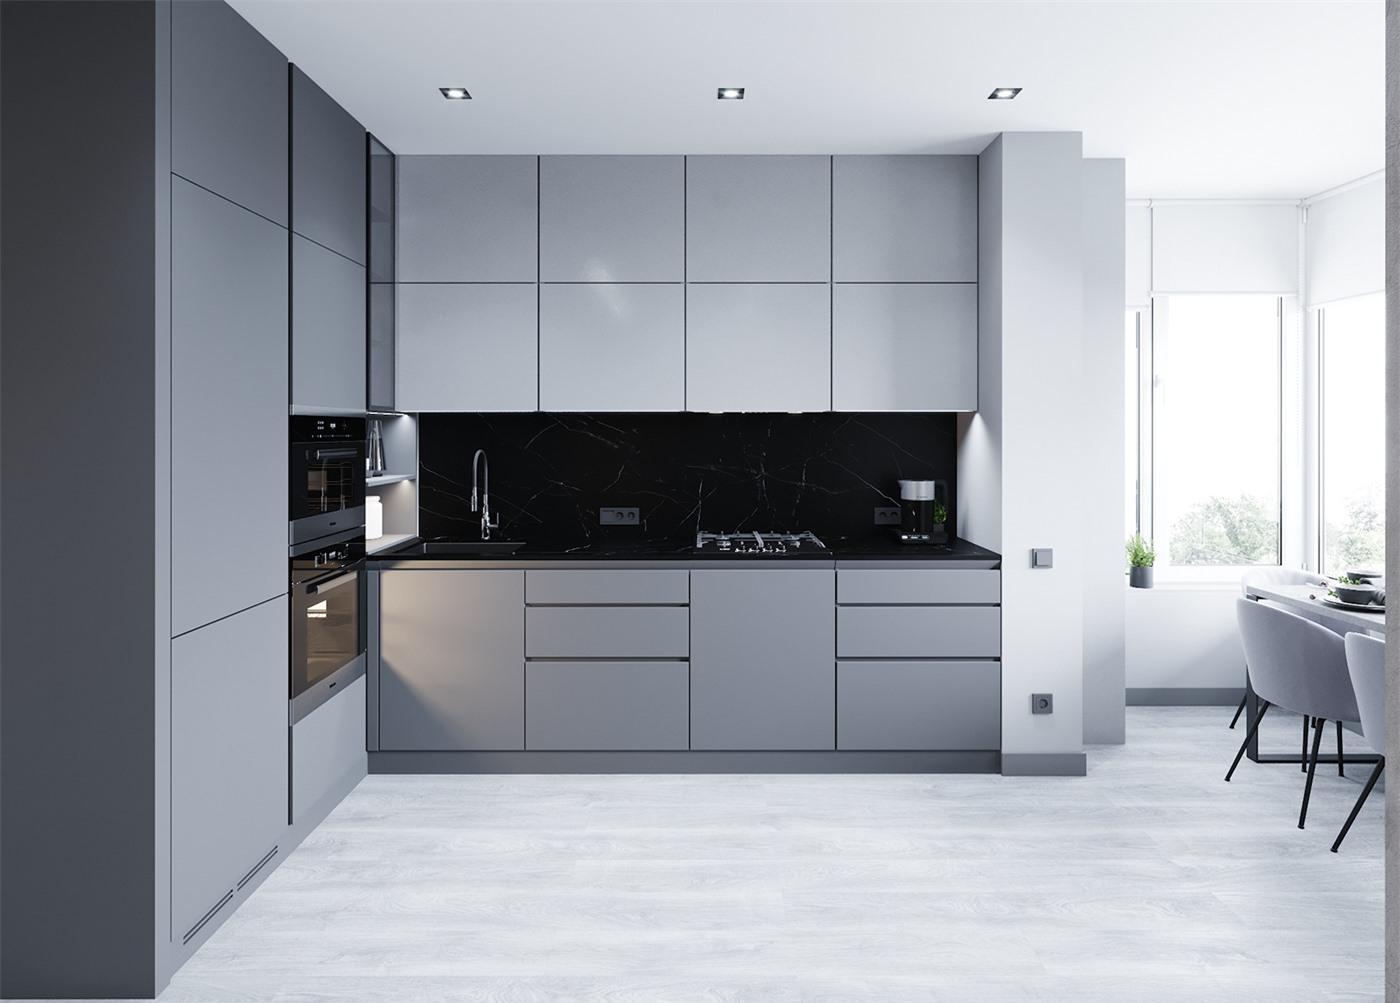 Kiến trúc sư tư vấn thiết kế nhà cấp 4 diện tích 100m² cho gia đình 3 thế hệ chi phí 237 triệu - Ảnh 5.